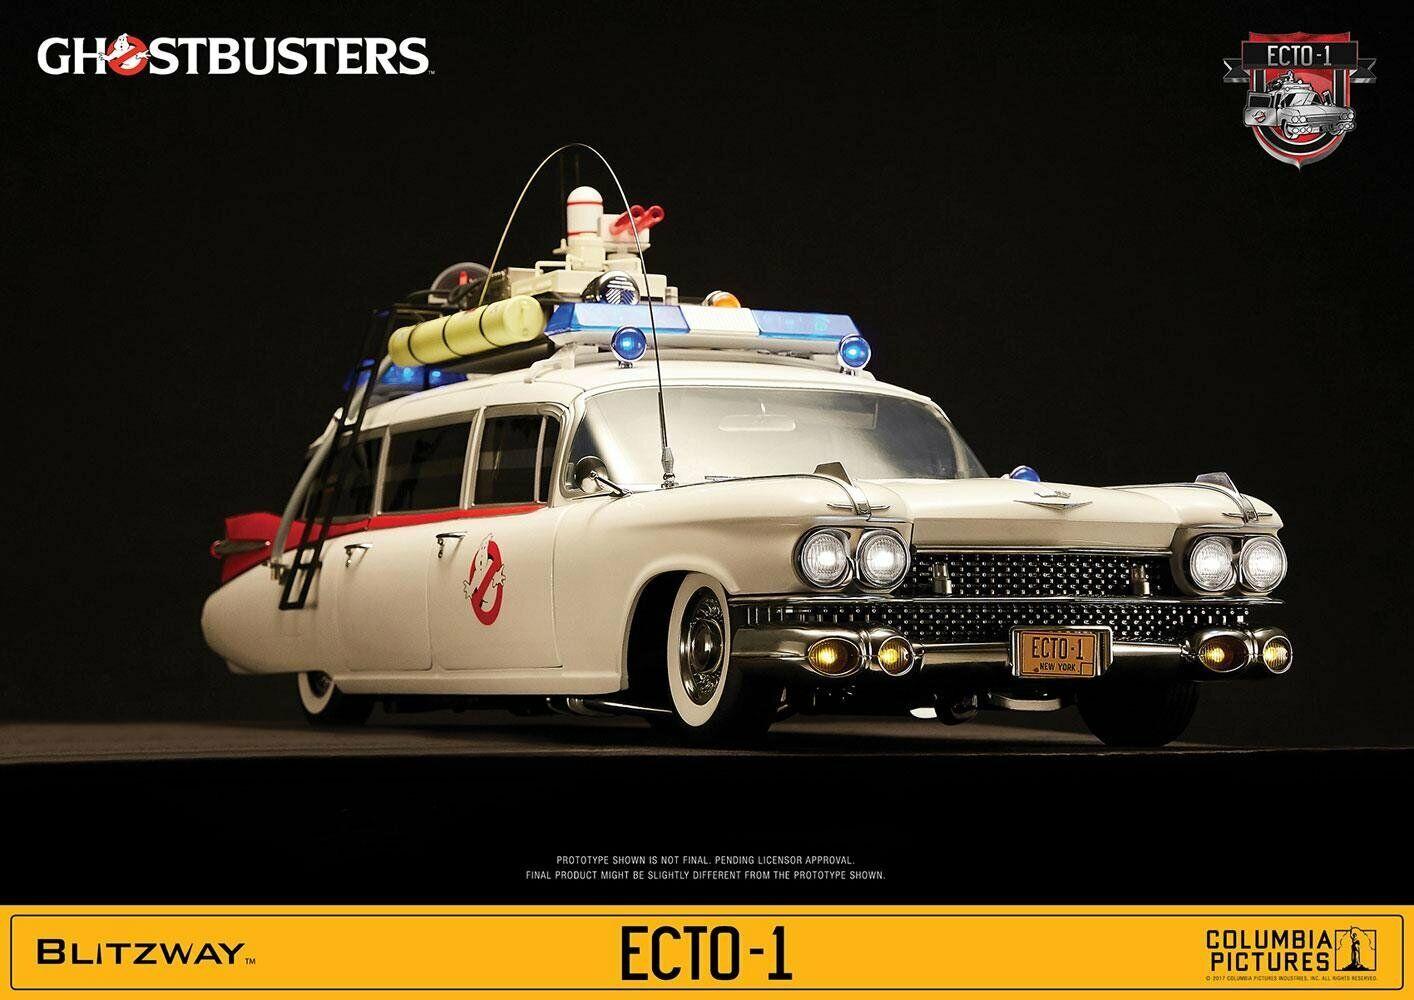 Blitzway Ghostbusters 1984 1984 1984 Ecto - 1 escala 1 6 vehículo  Pedido Previo  Envío Gratis en EE. UU.   sin mínimo